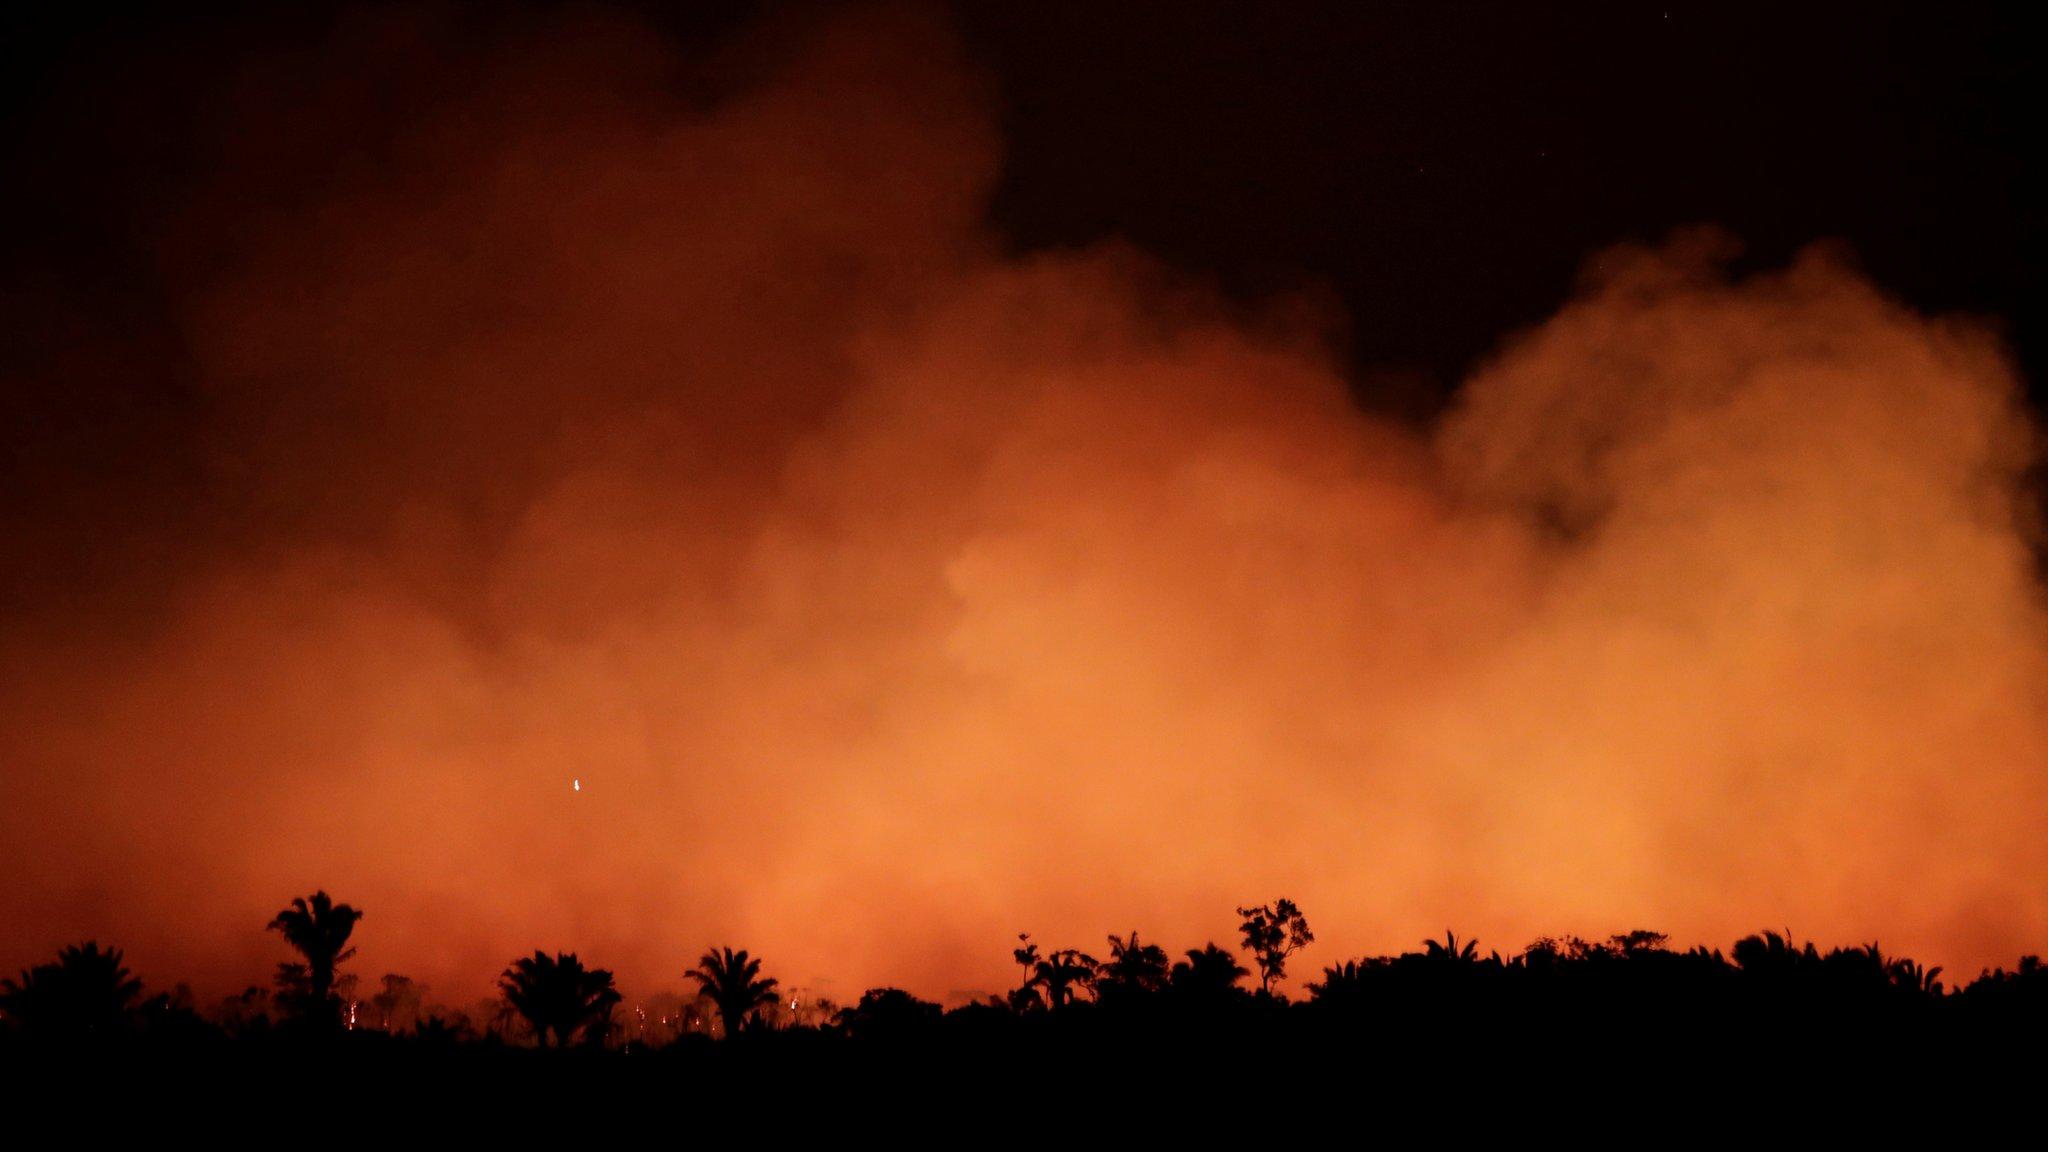 Пожары в джунглях Амазонки: Франция грозит блокировать торговое соглашение с Бразилией